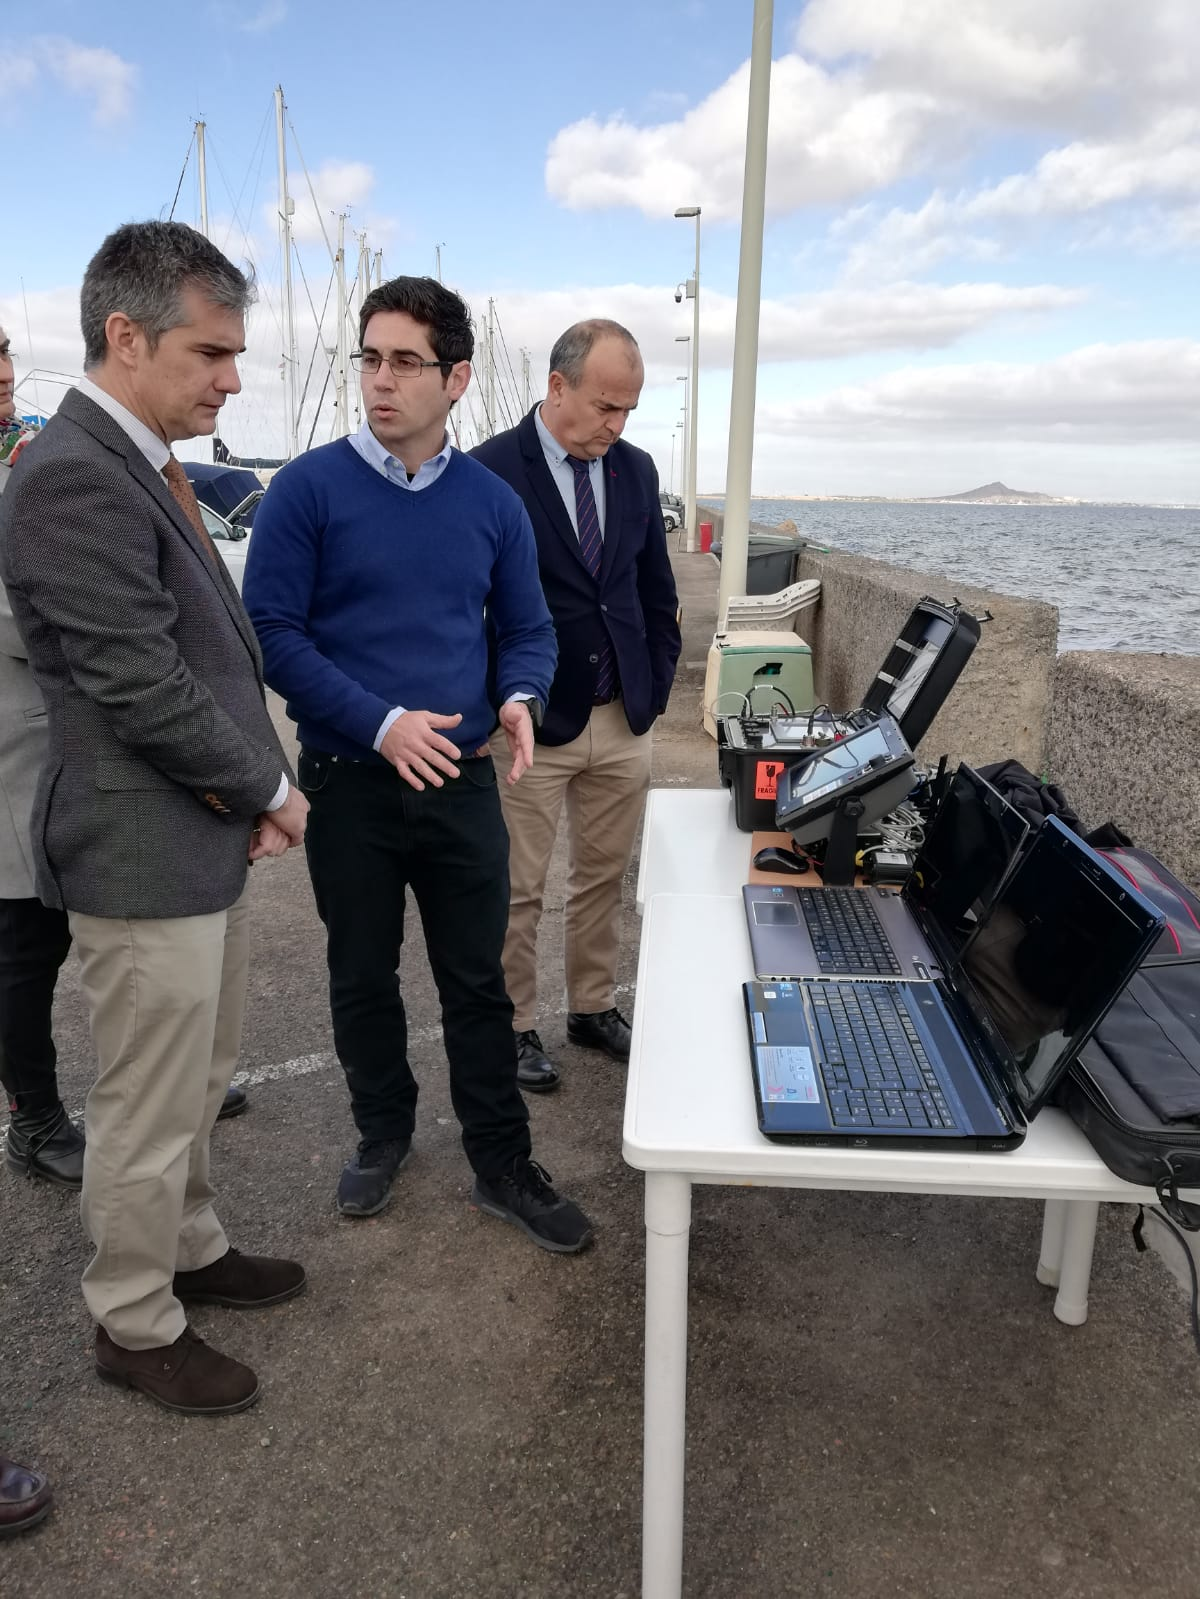 Del Amor observa el sistema de control del dron de vigilancia marina. Imagen: CARM